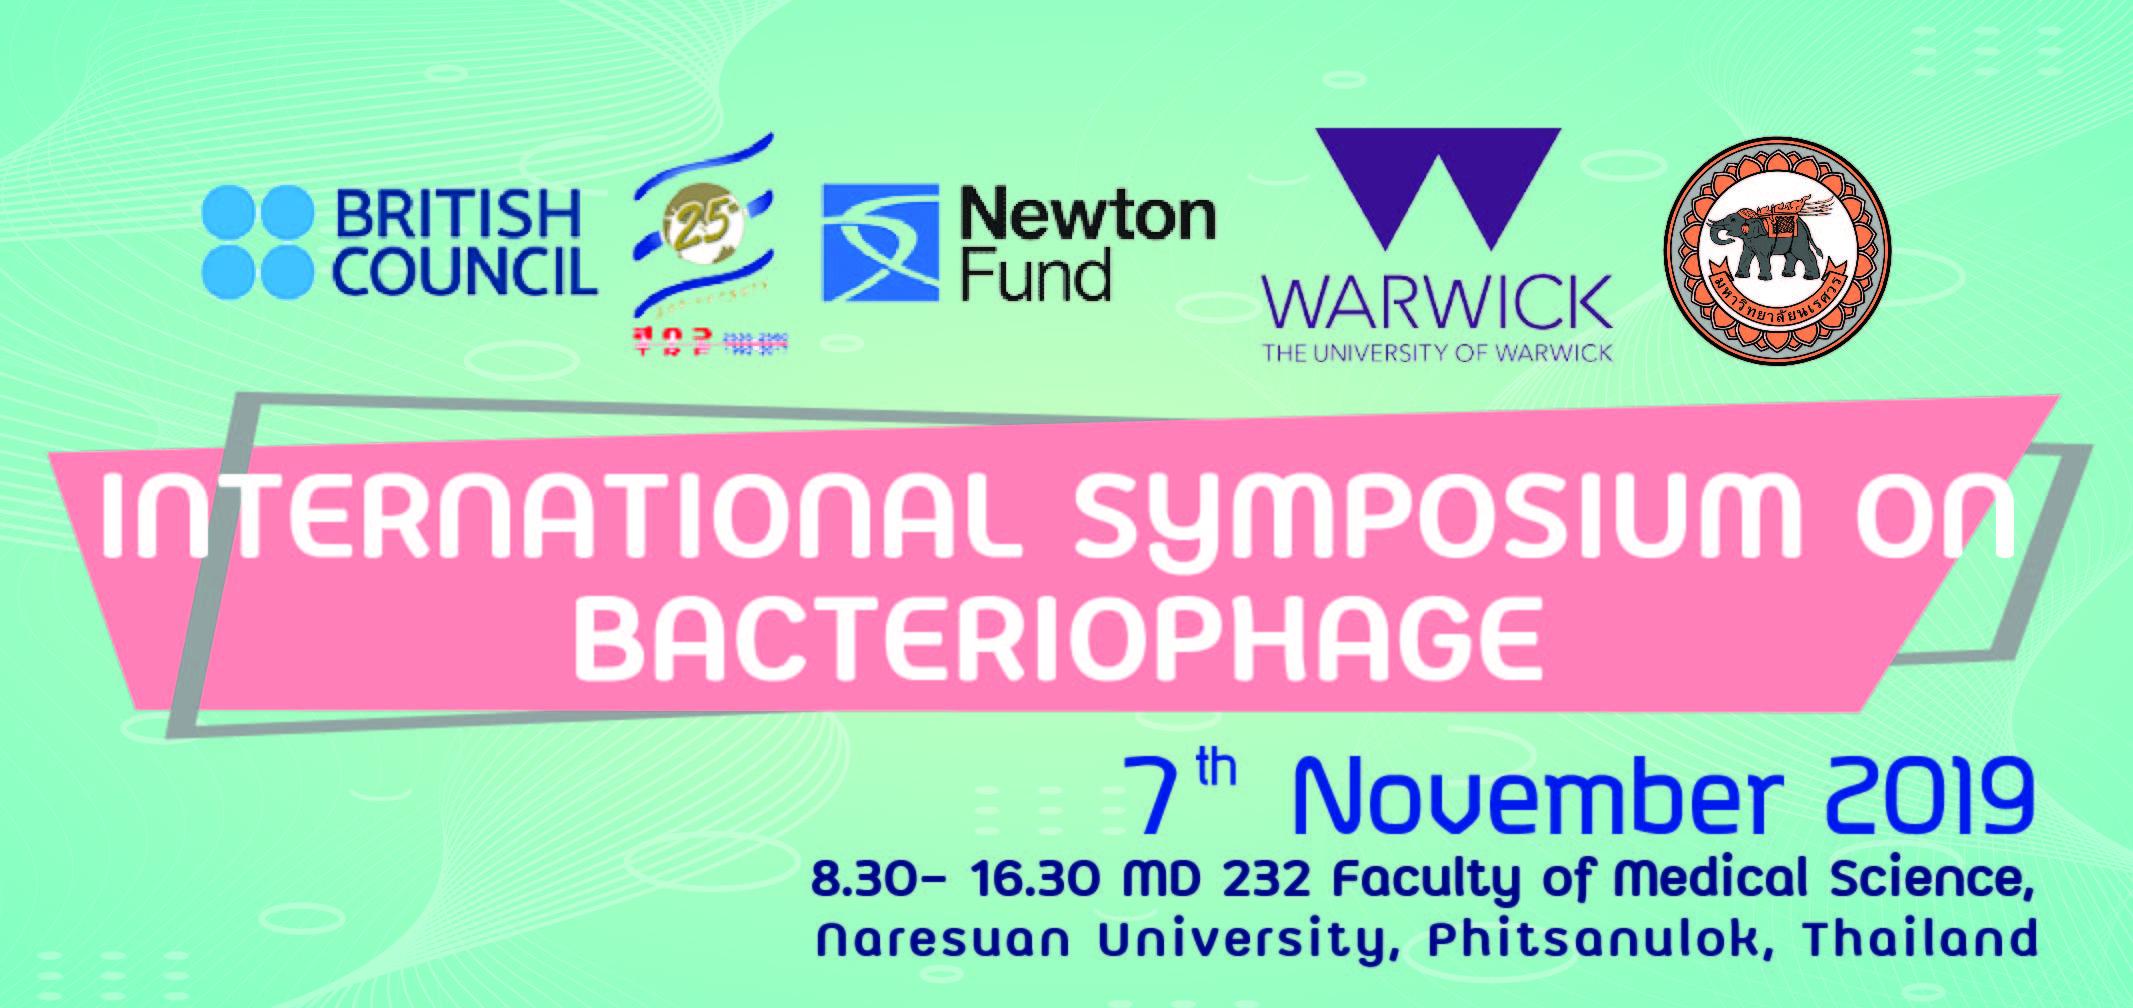 """ขอเชิญผู้ที่สนใจเข้าร่วมประชุมวิชาการระดับนานาชาติ """"International Symposium on Bacteriophage"""" Date: Thursday, November 7, 2019 Time: 8.30- 16.30"""